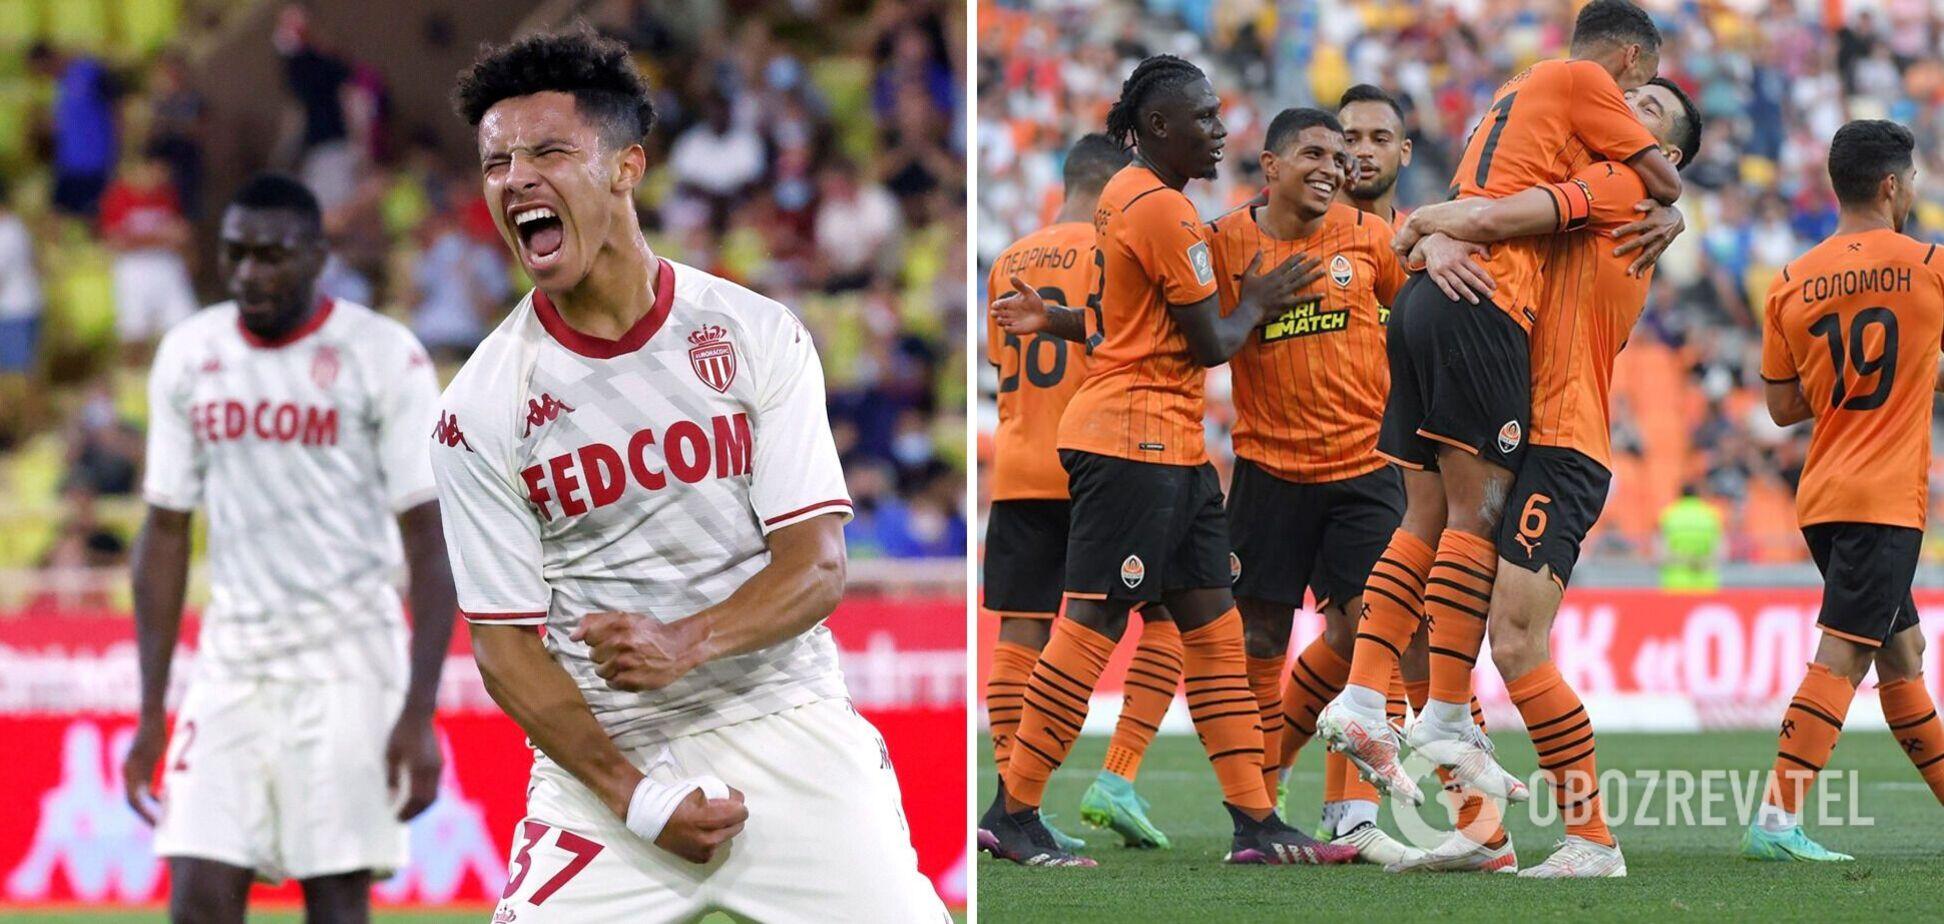 Монако Шахтар прогноз на матч 17 08 2021